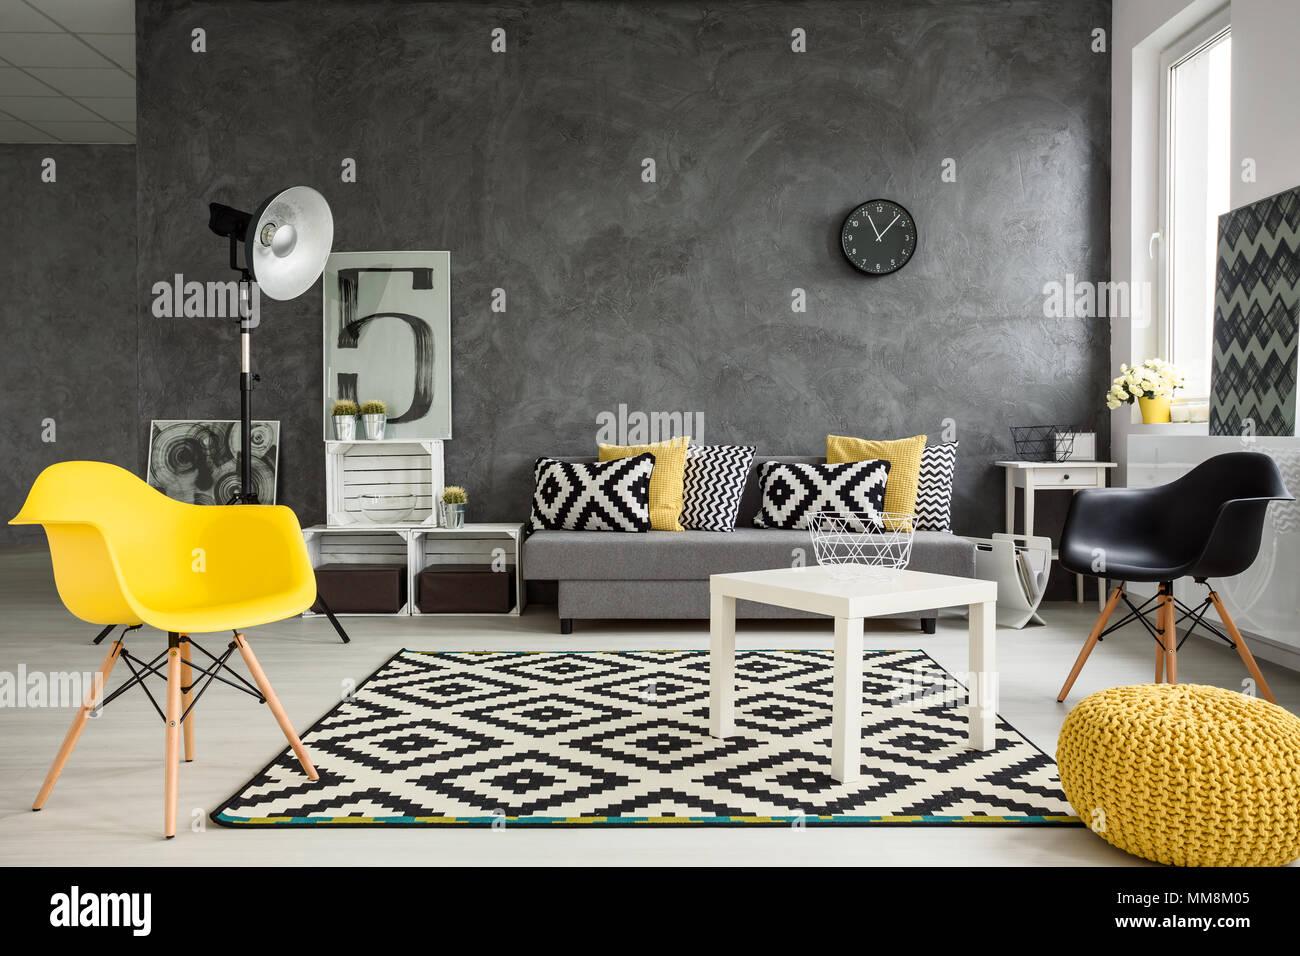 Grau Wohnzimmer mit Sofa, Stühle, Stehleuchte, kleiner Tisch, gelb ...